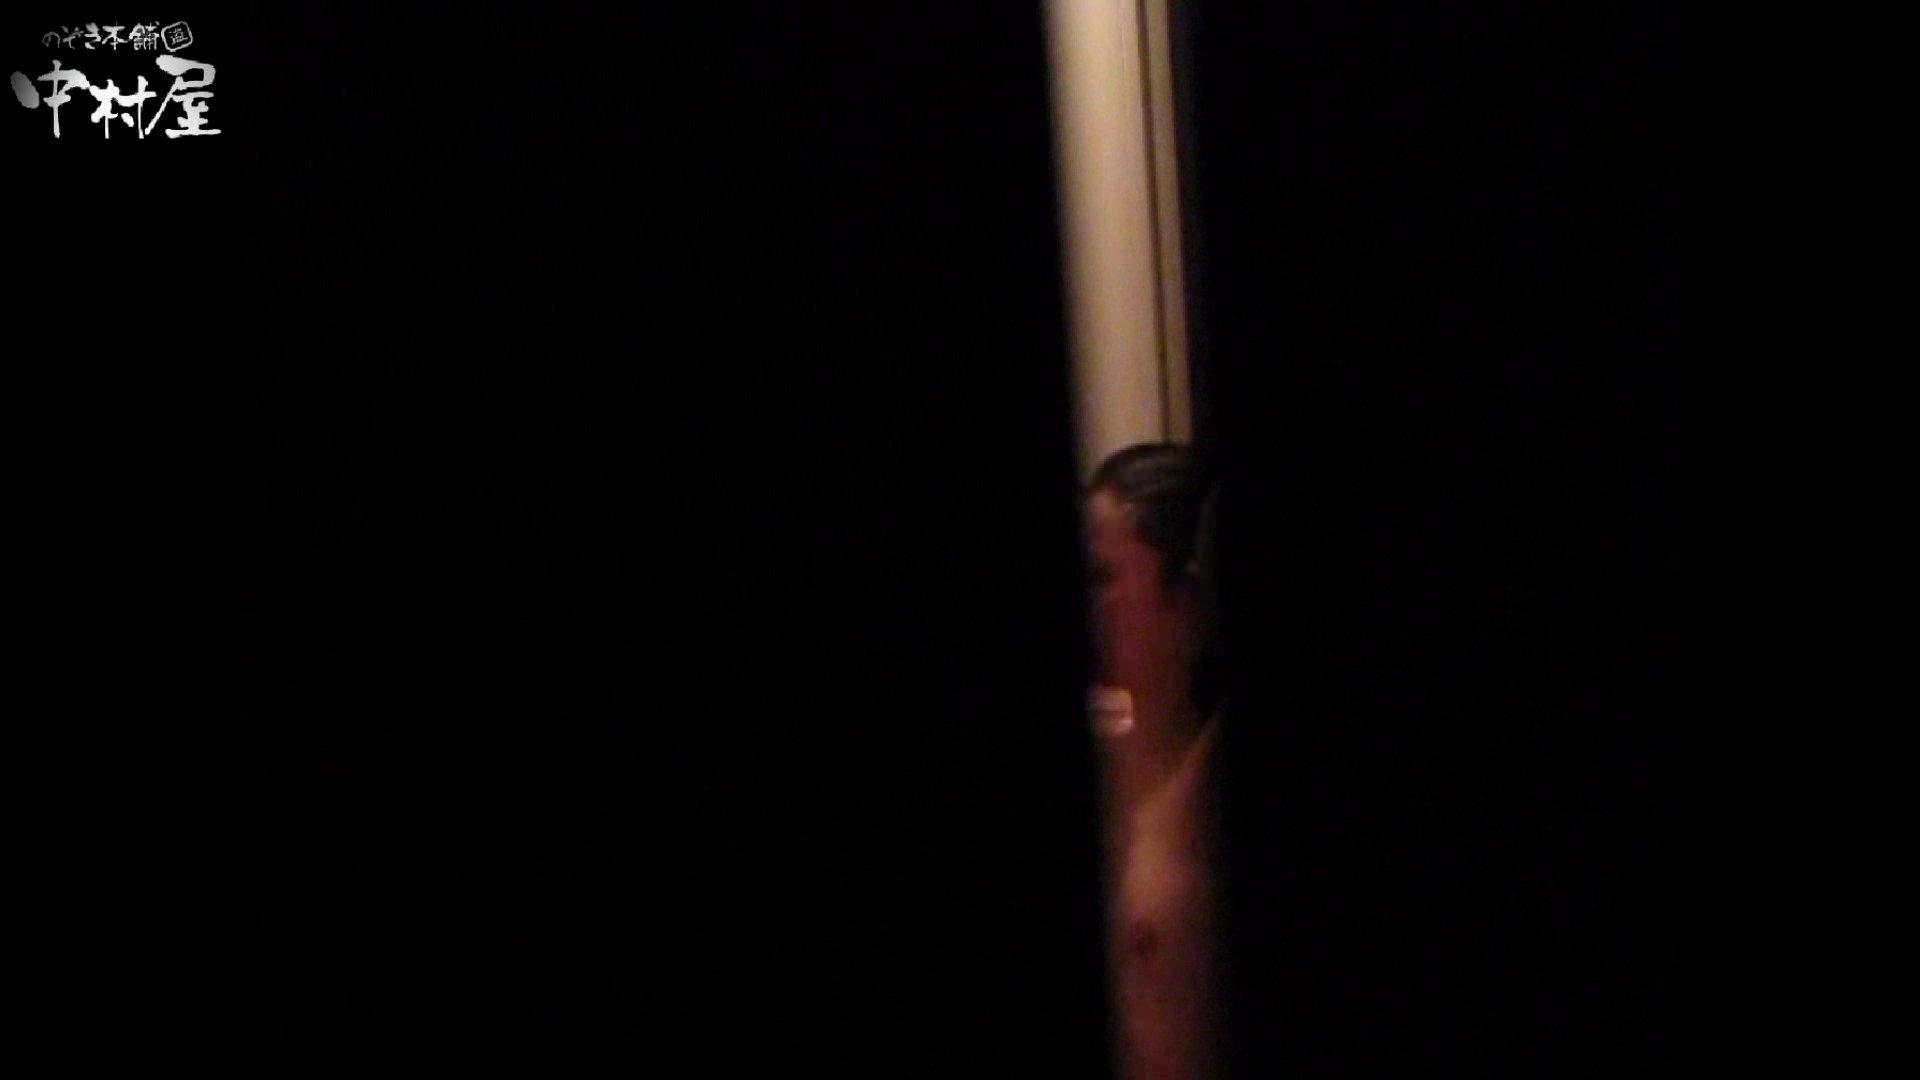 民家風呂専門盗撮師の超危険映像 vol.004 OLのエロ生活 セックス画像 99連発 26